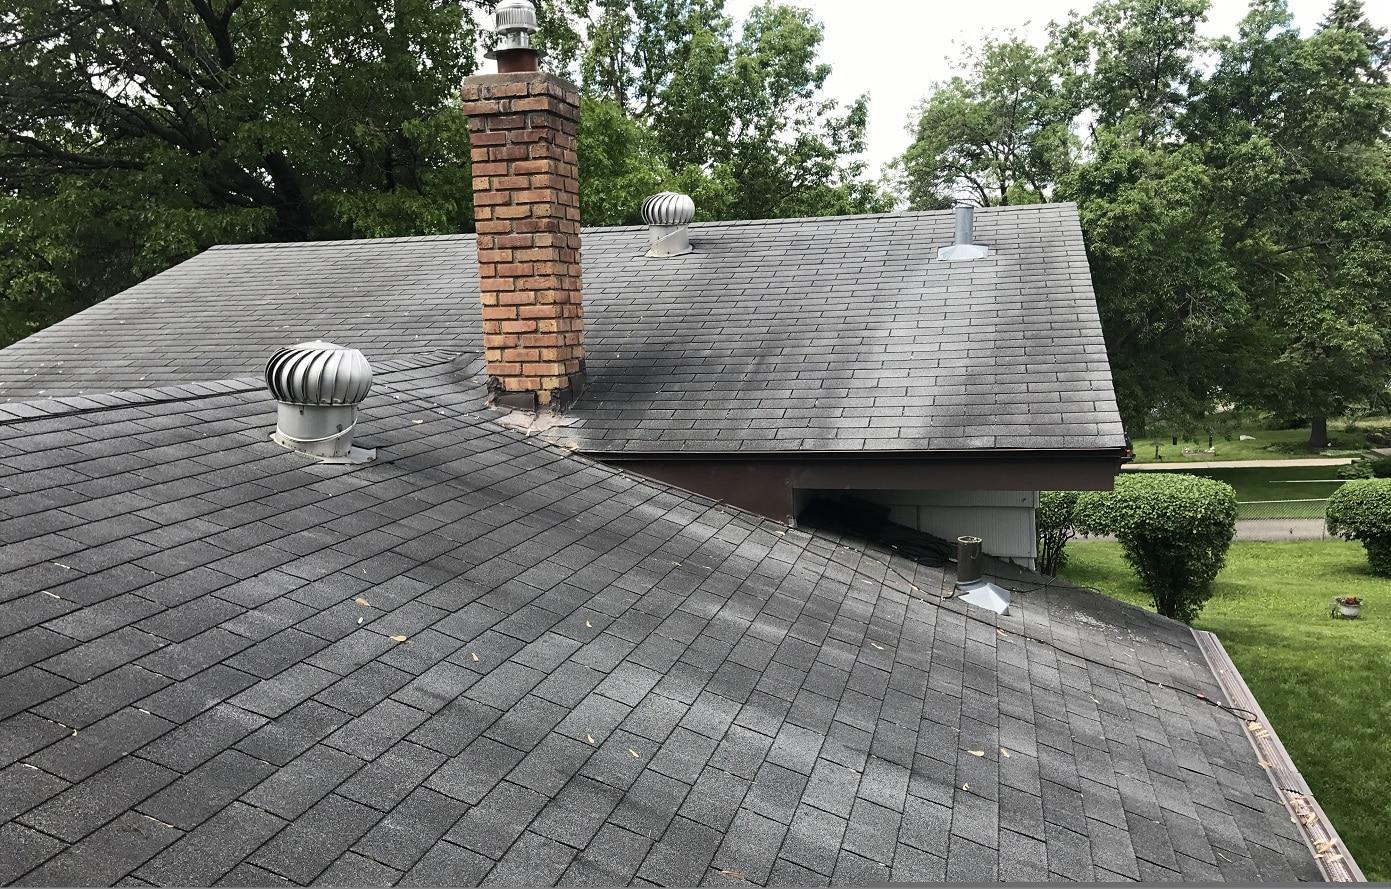 bad roof